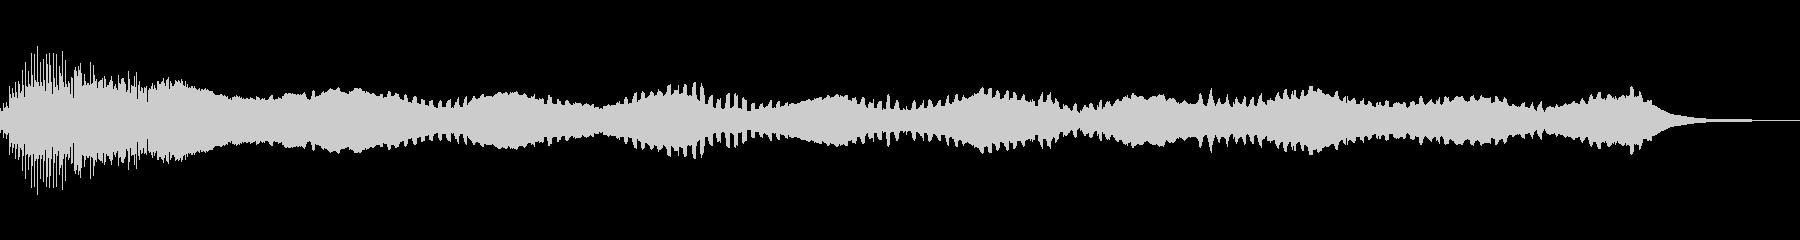 フランジ付きパルスへの迅速なドラム...の未再生の波形